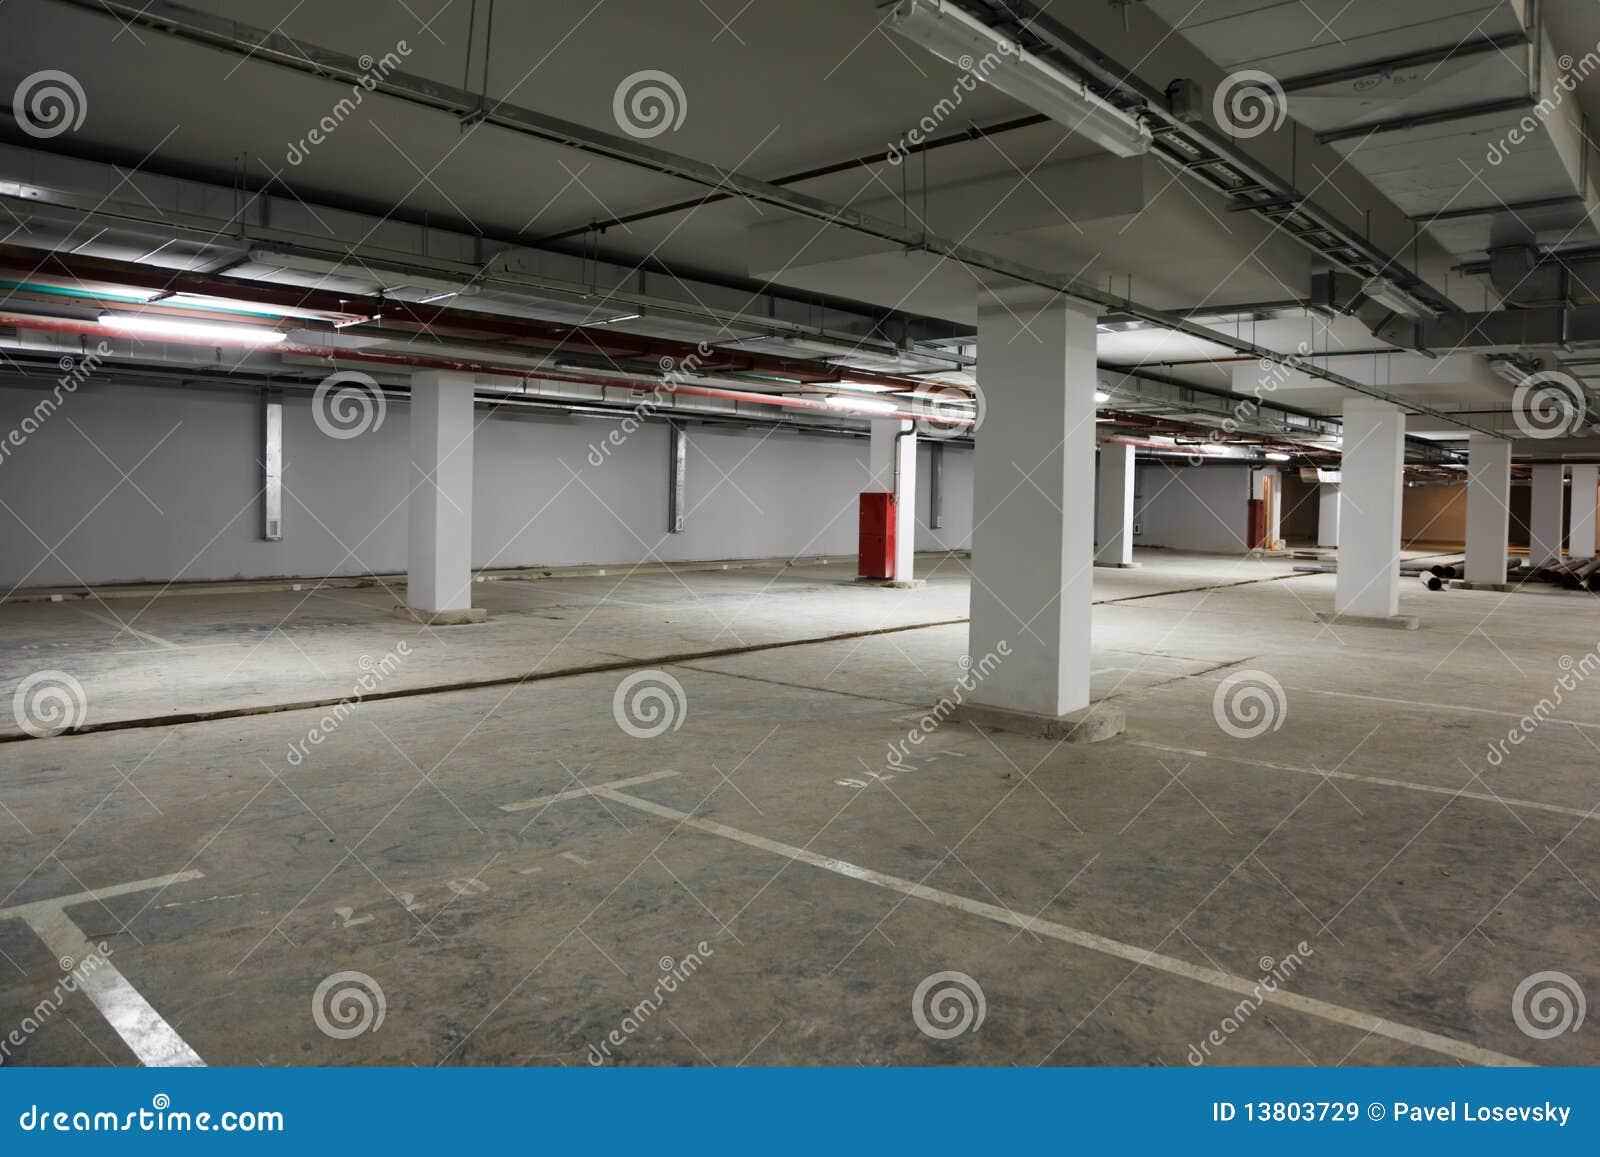 Edifício do lugar de estacionamento.